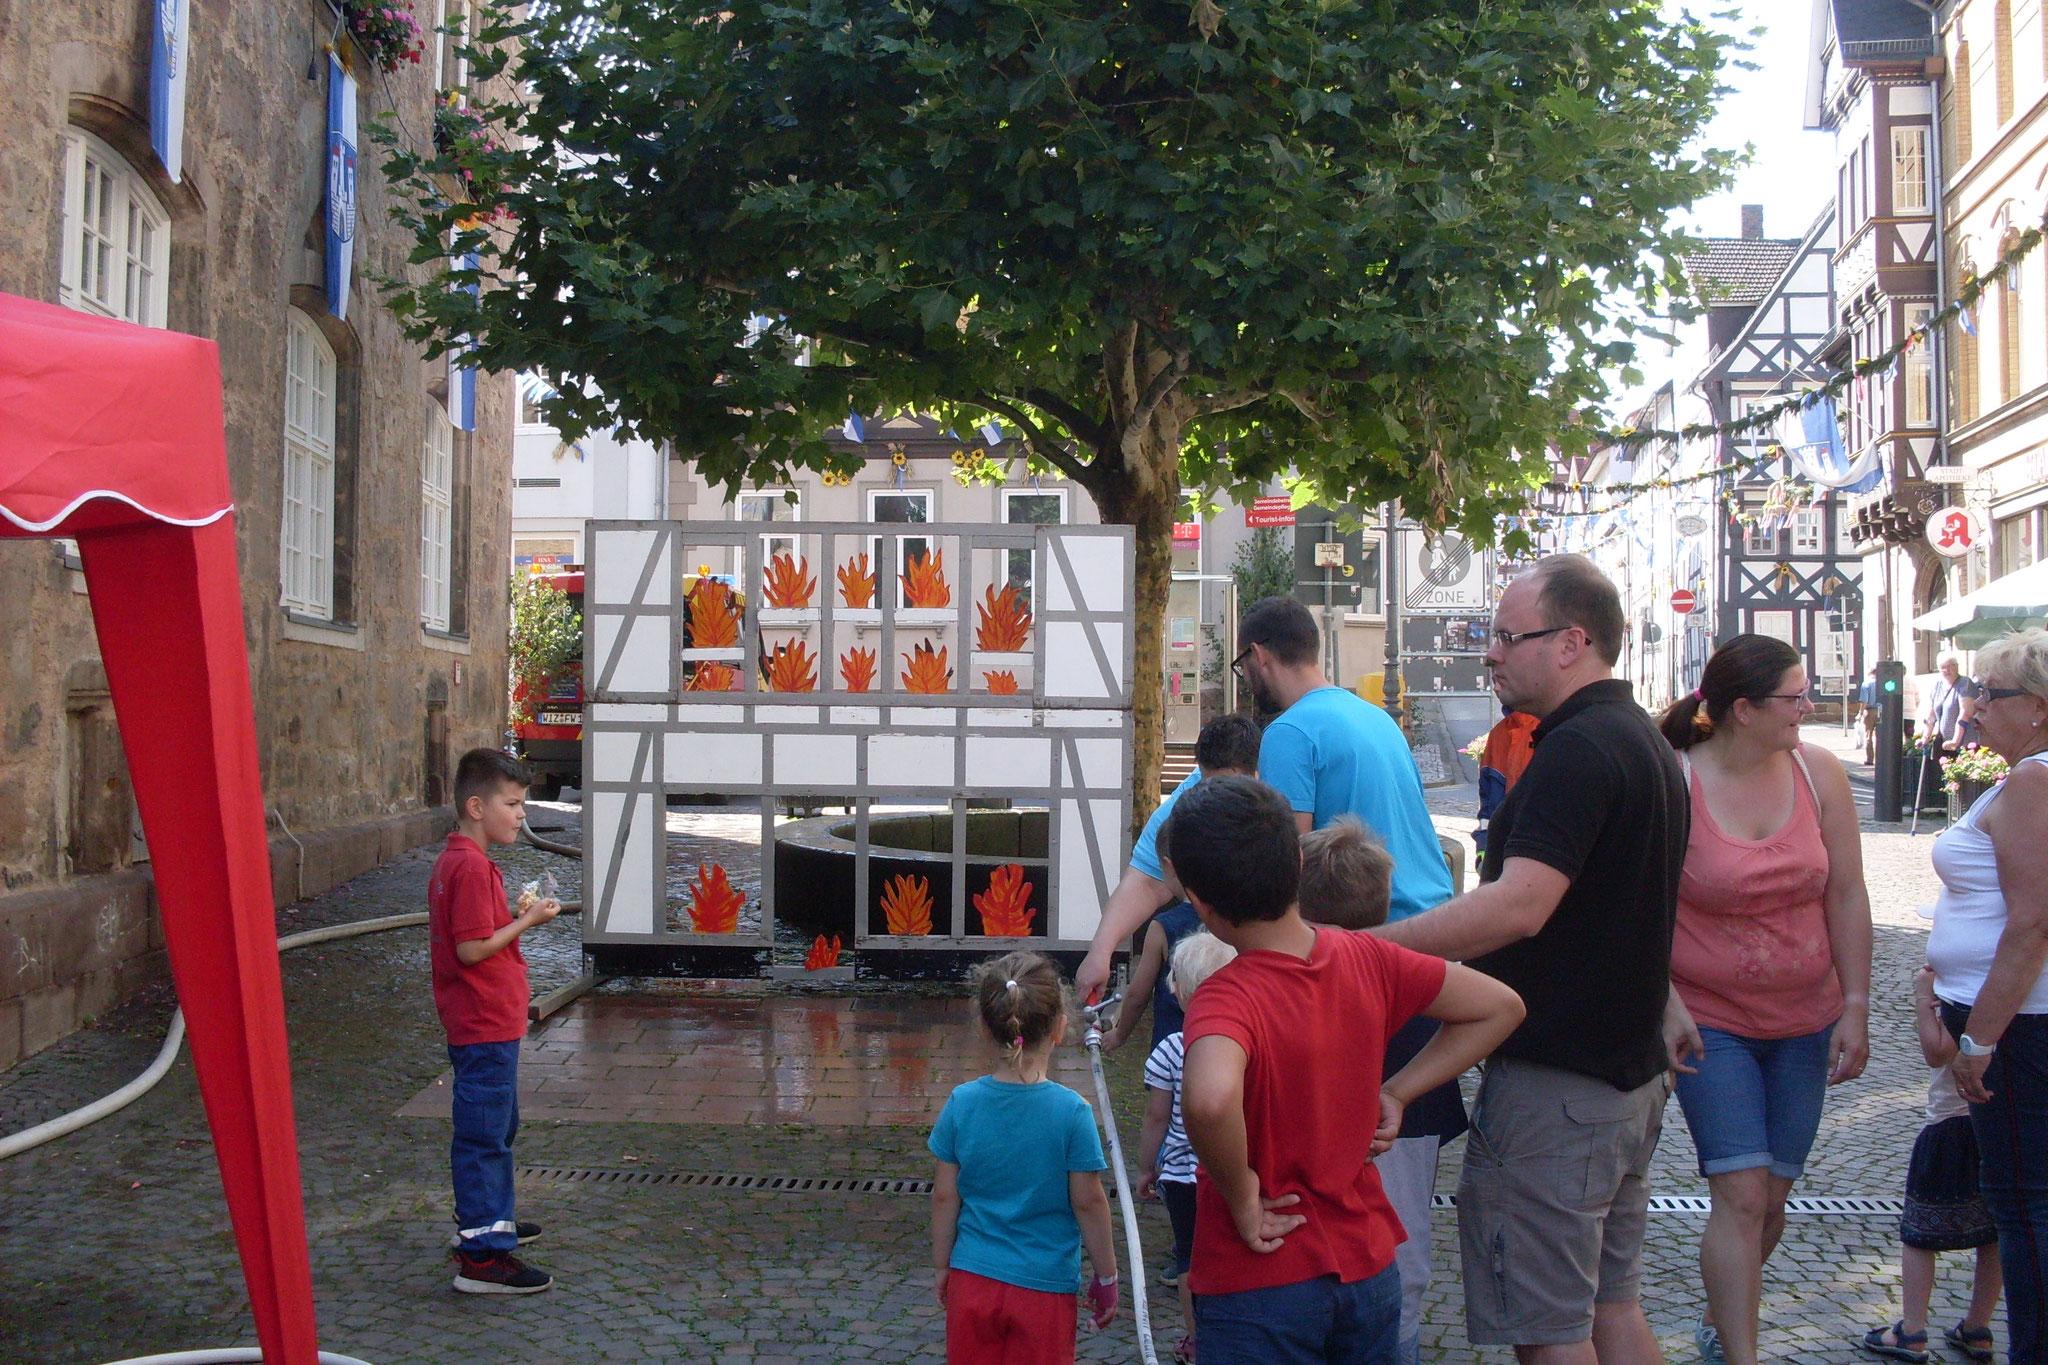 Am Samstag, 24.08.2019 fand auf dem Marktplatz das Kinderfest statt. Hierzu hatten wir unsere Wasserwand aufgebaut.